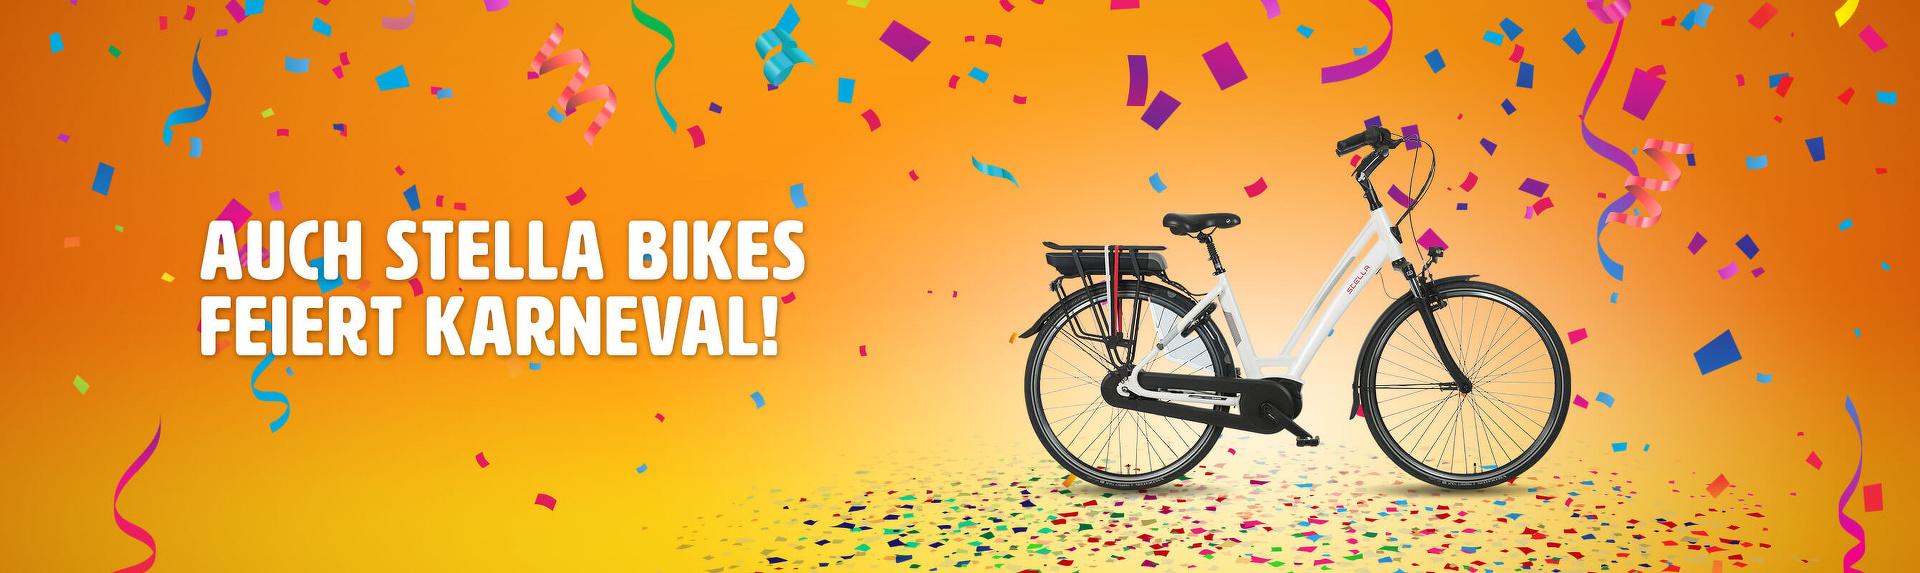 Auch Stella Bikes feiert Karneval!